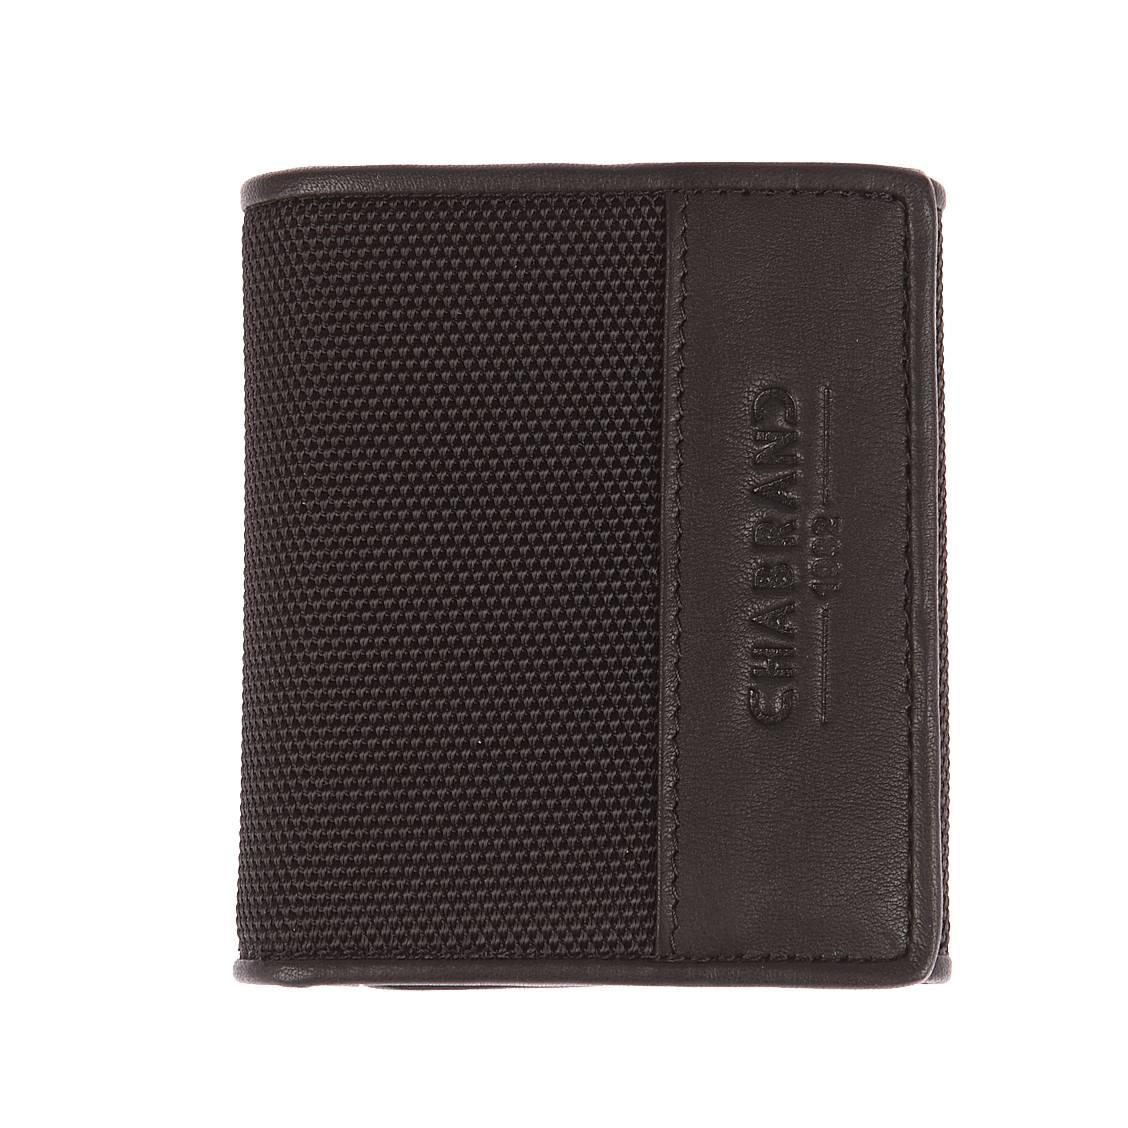 Petit portefeuille 2 volets Chabrand en toile noire garnie de cuir de vachette YjFVhrz